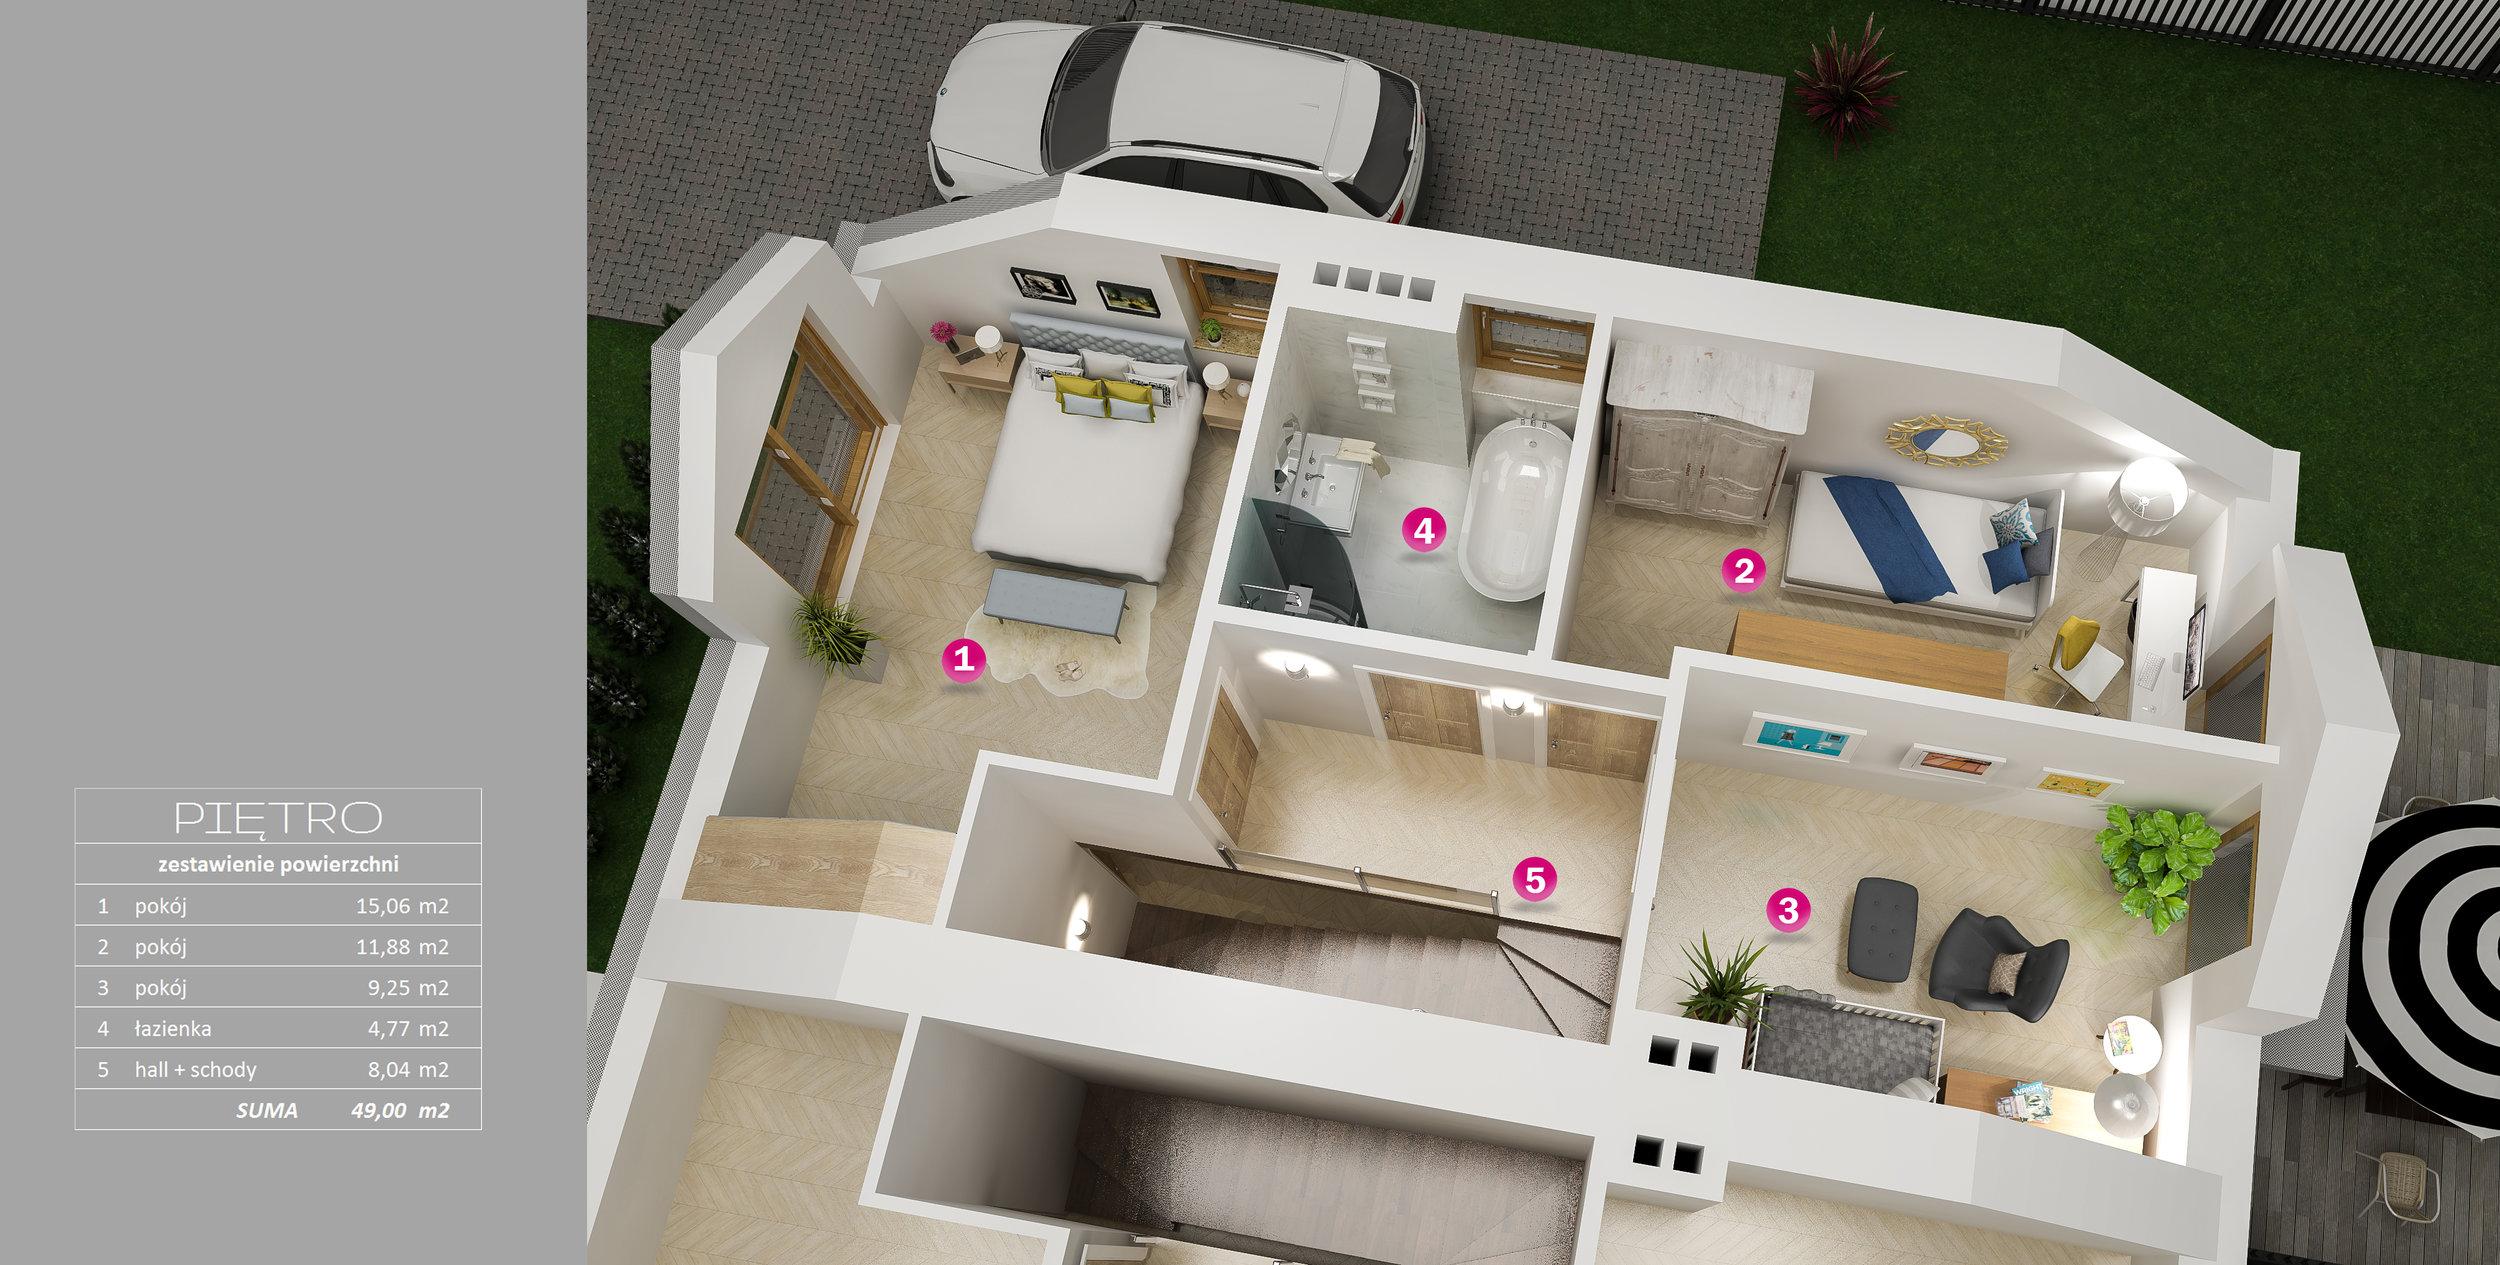 Bliźniak_skoki_piętro1.jpg